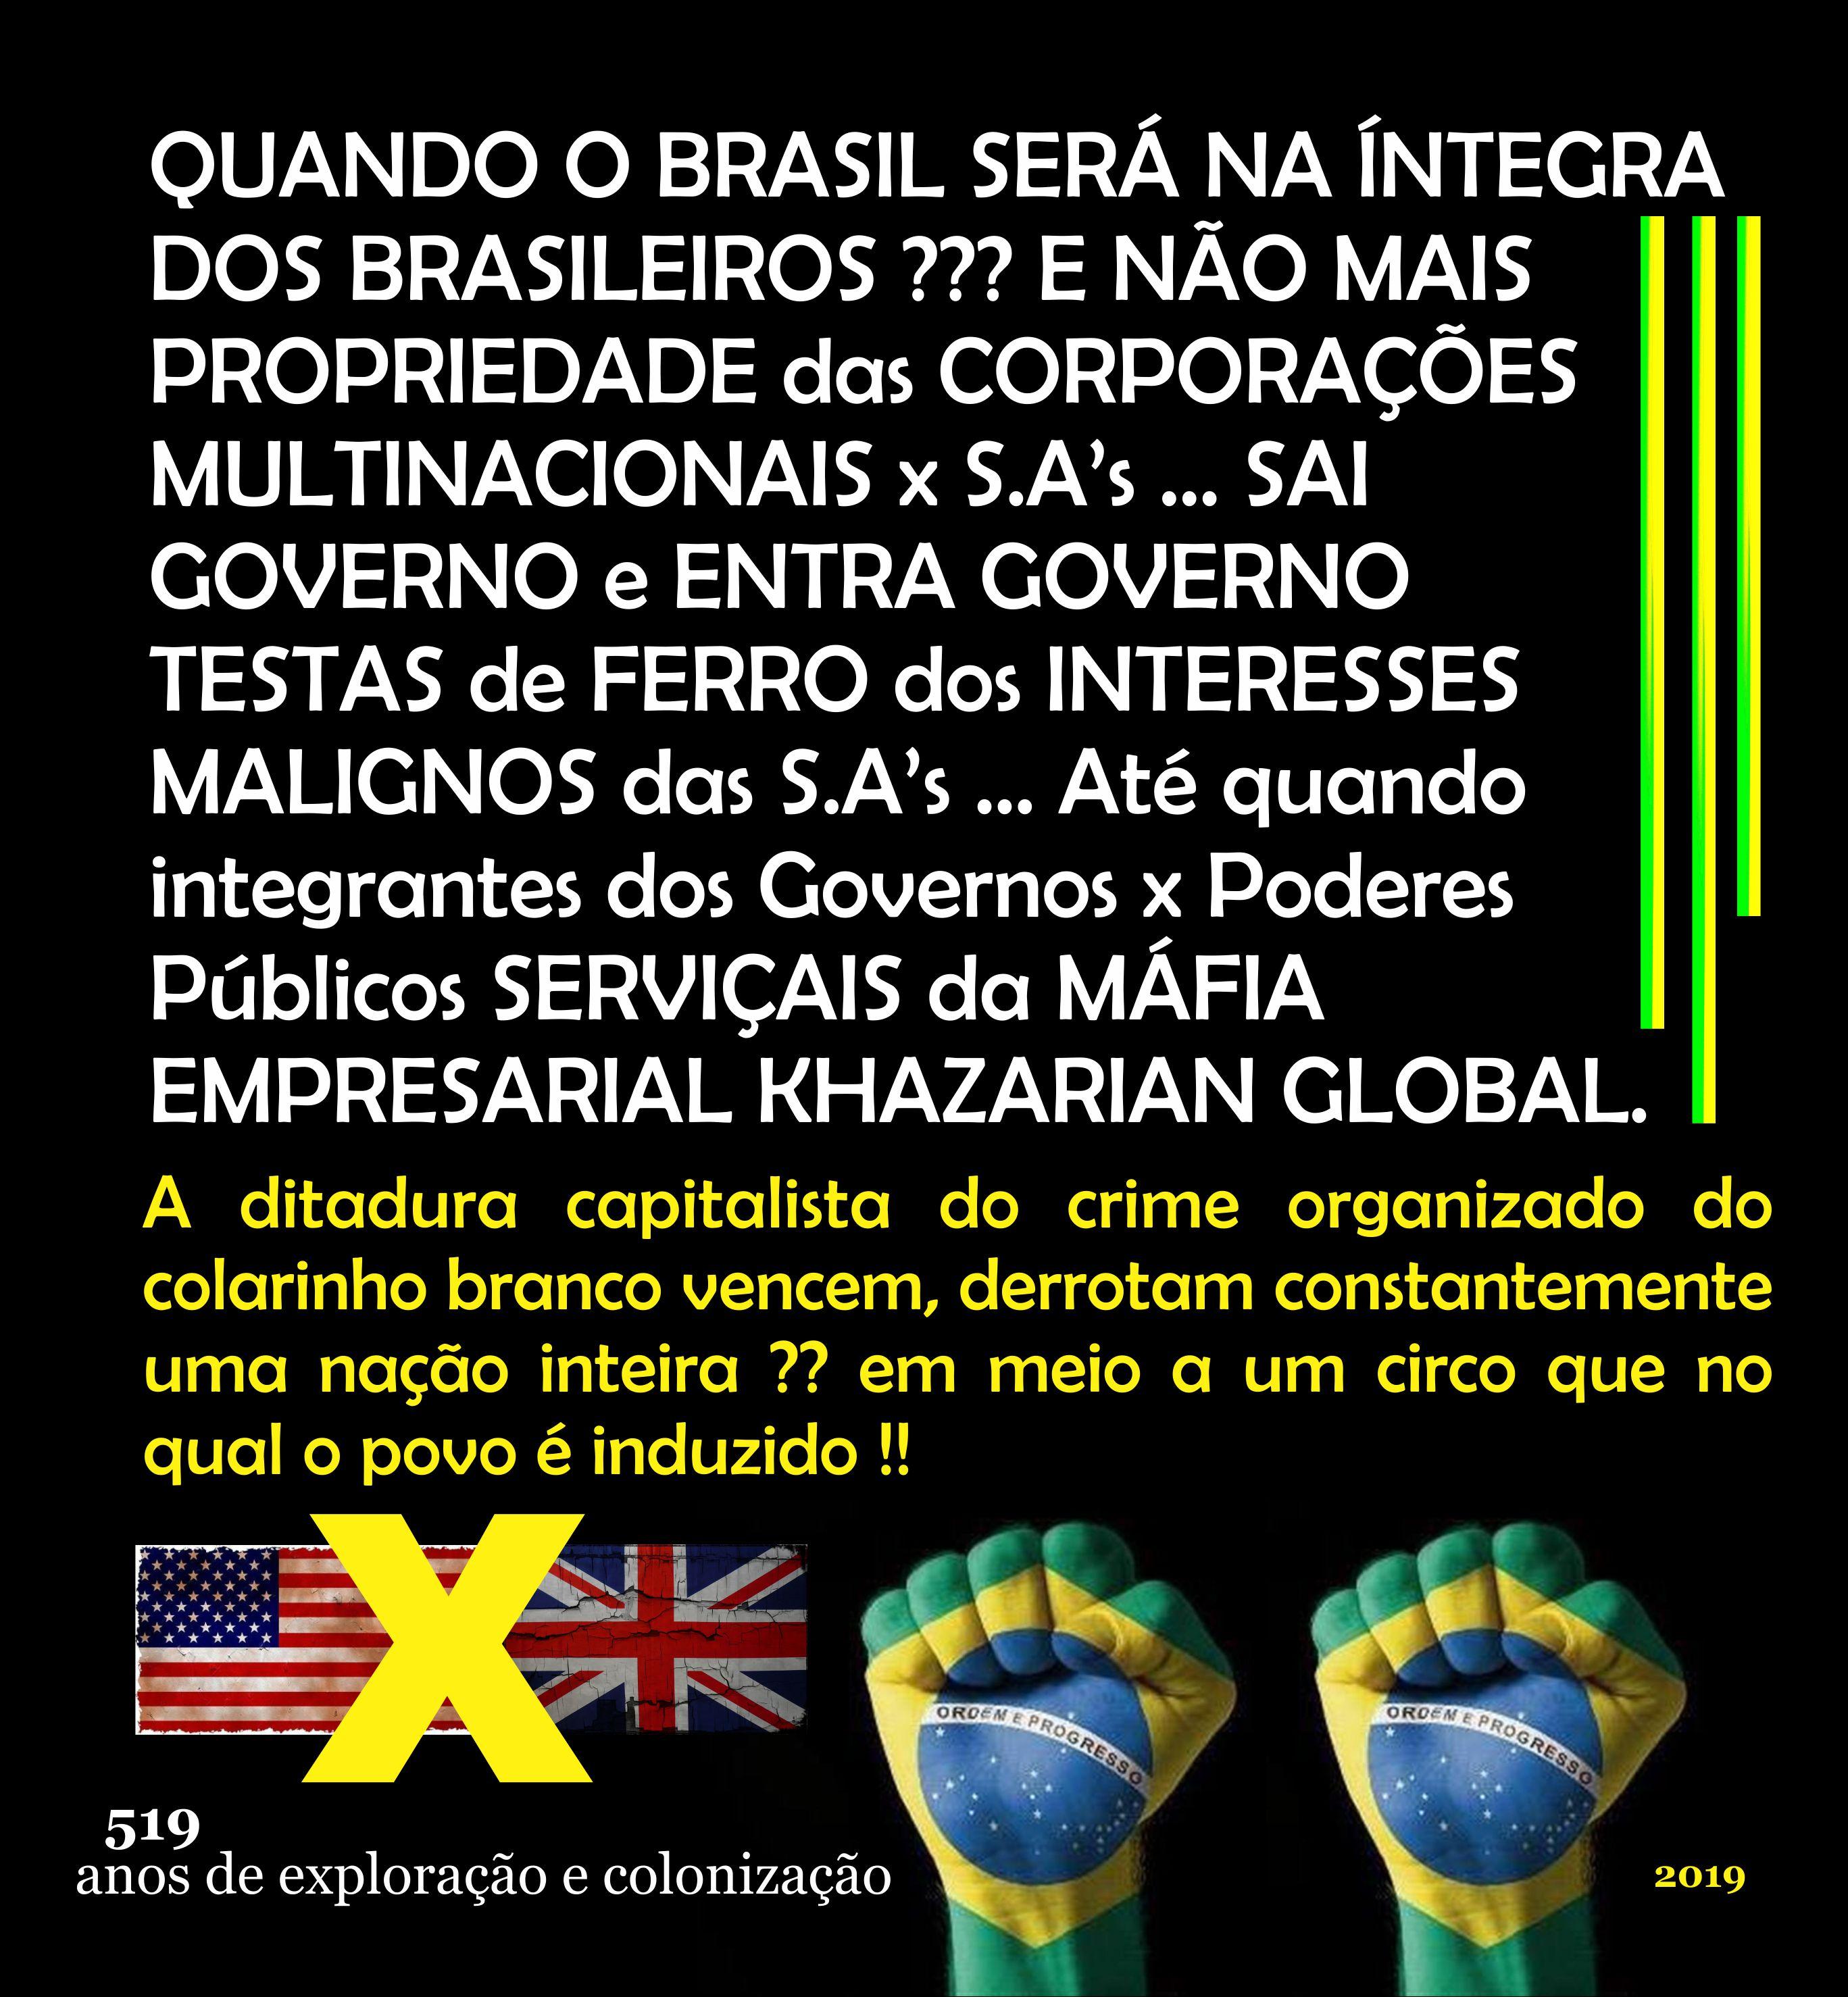 Bancos x Corporações Multinacionais x S.A's e suas empresas coligadas